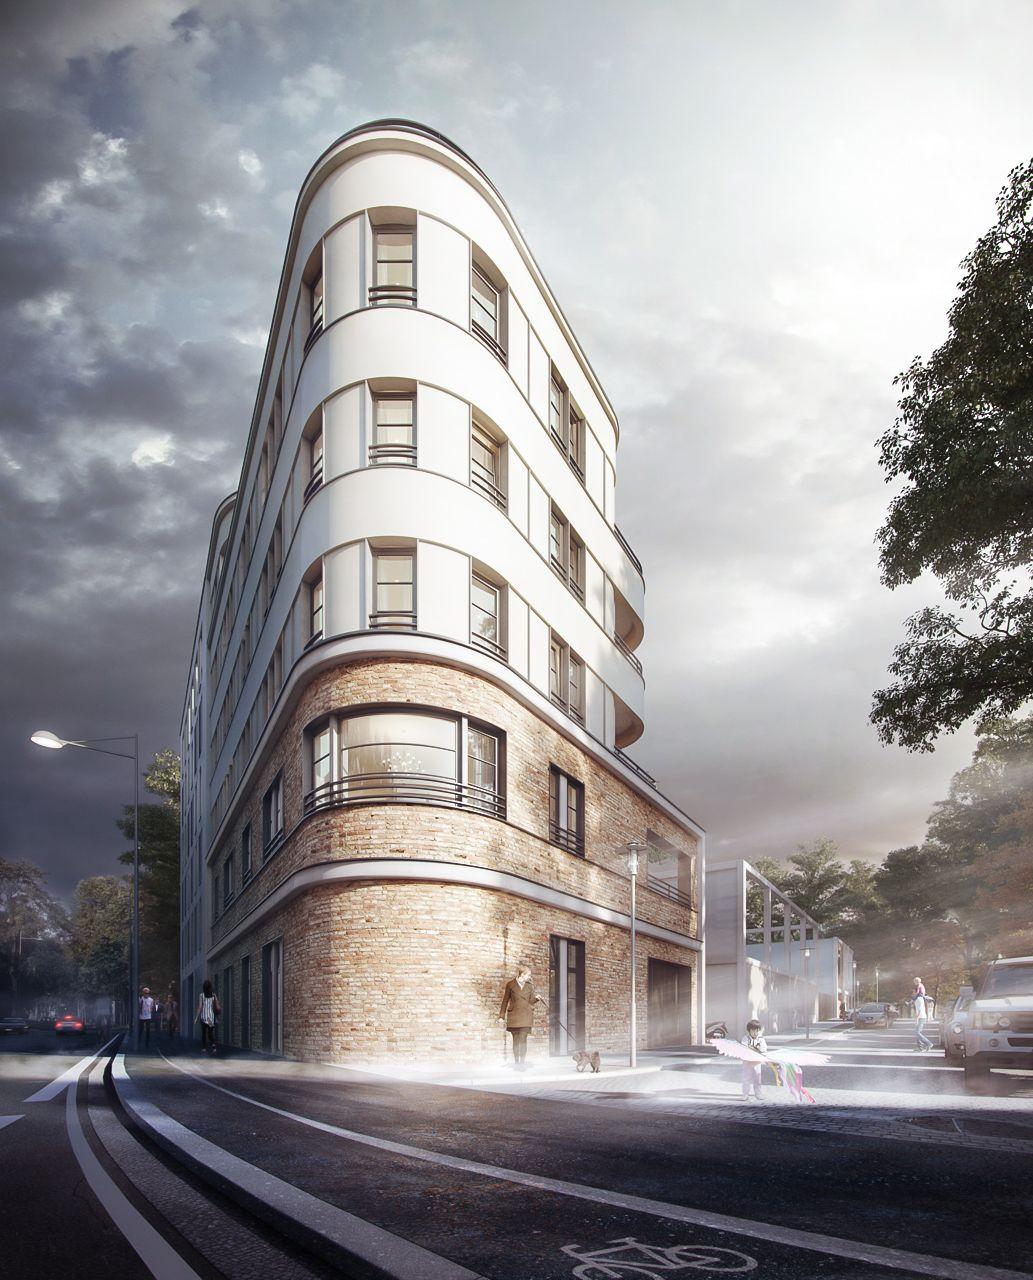 Architekten In Leipzig architekturvisualisierung eines mehrfamilienhauses in der